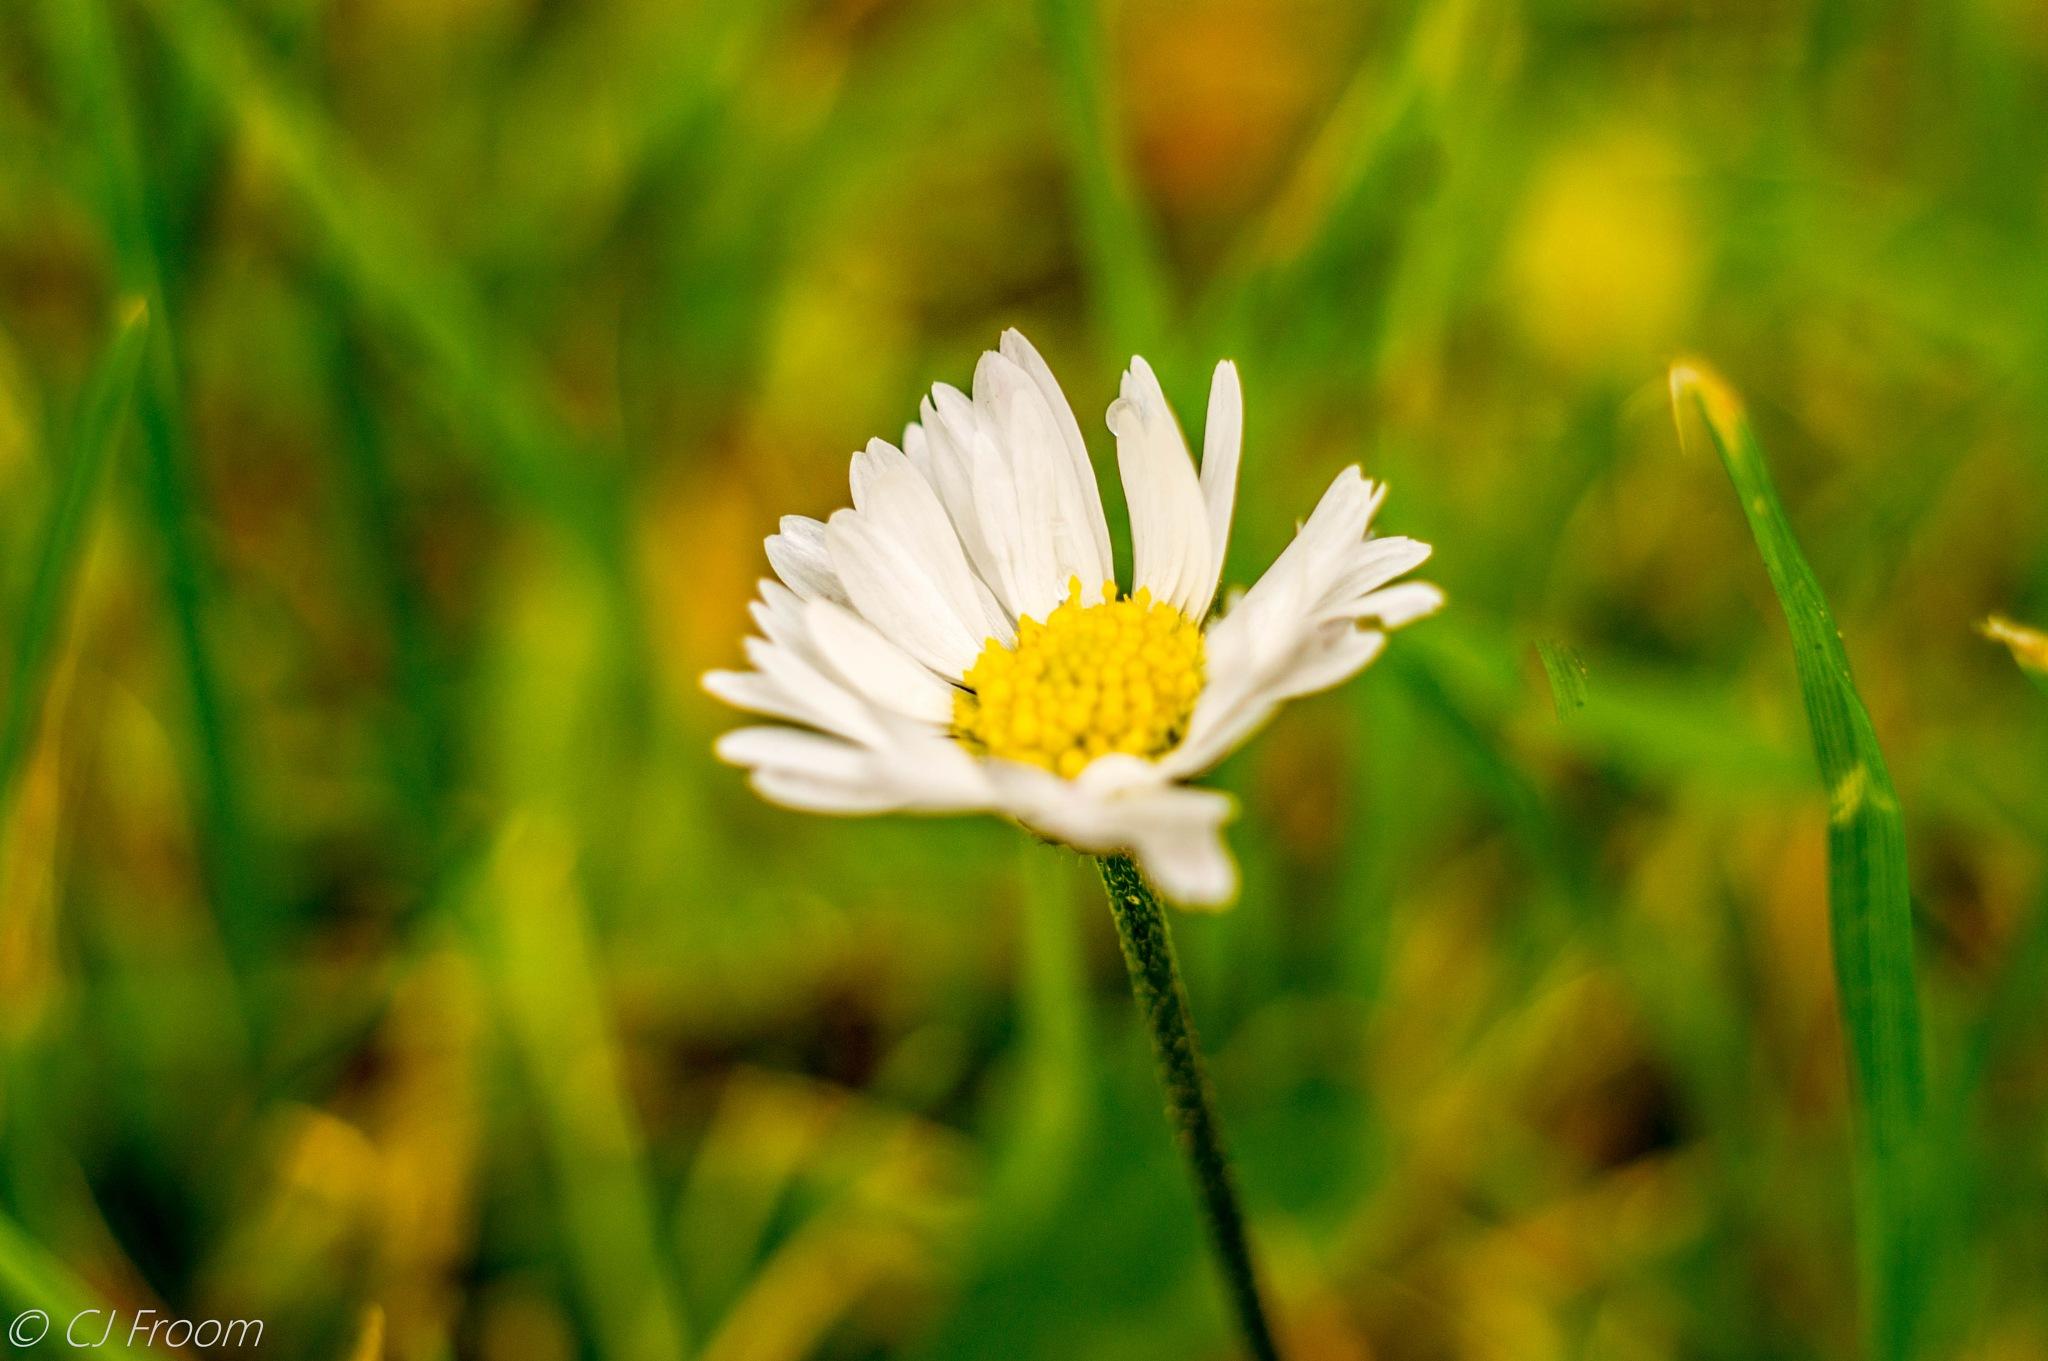 Daisy by Cj Froom